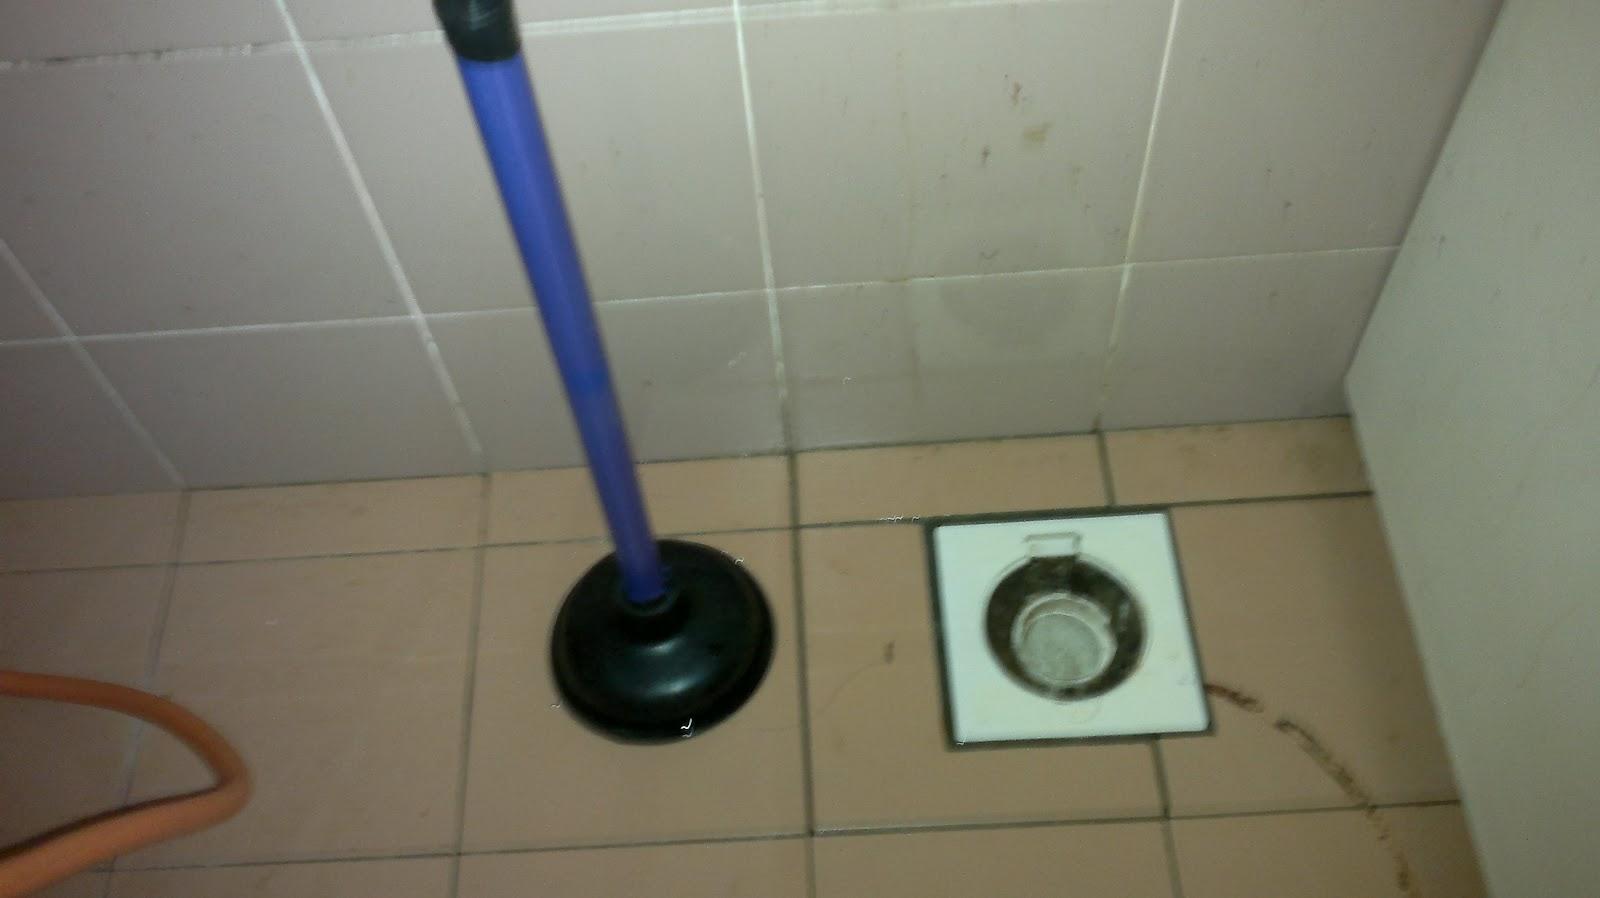 Oleh Sebab Takungan Air Itu Maka Aku Terpaksa Membasuh Lantai Dapur Yang Kukira Melekit